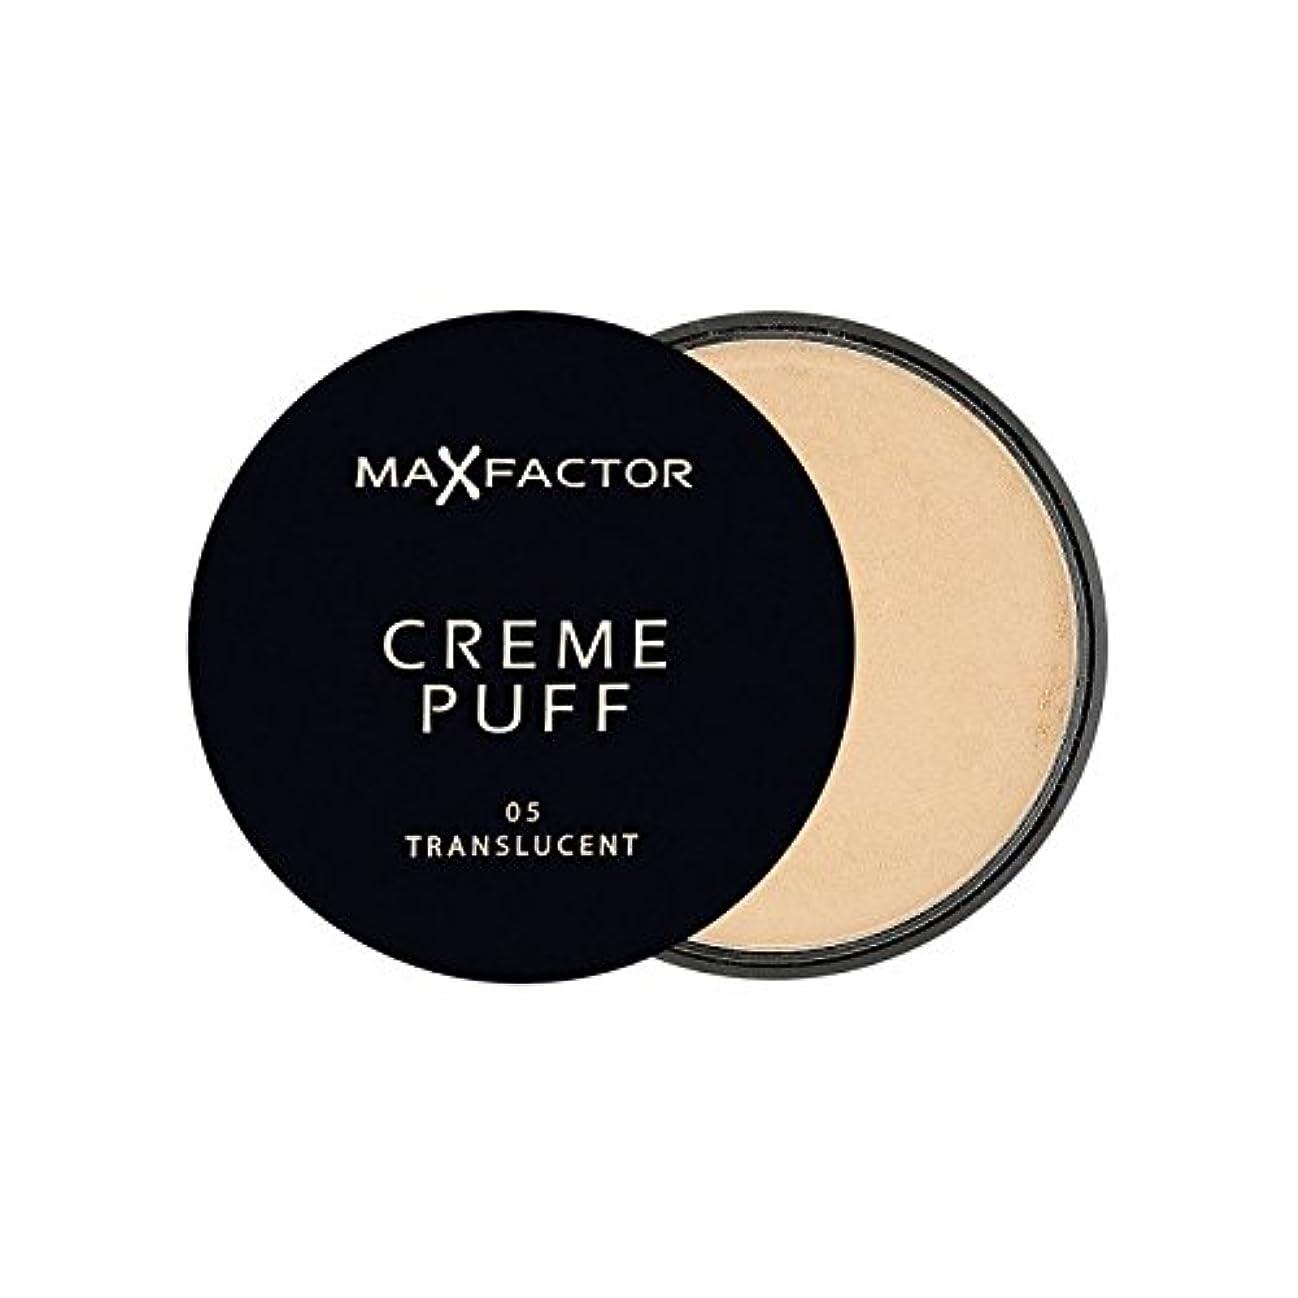 シーボードダンプうがい薬Max Factor Creme Puff Powder Compact Translucent 5 - マックスファクタークリームパフパウダーコンパクト半透明5 [並行輸入品]